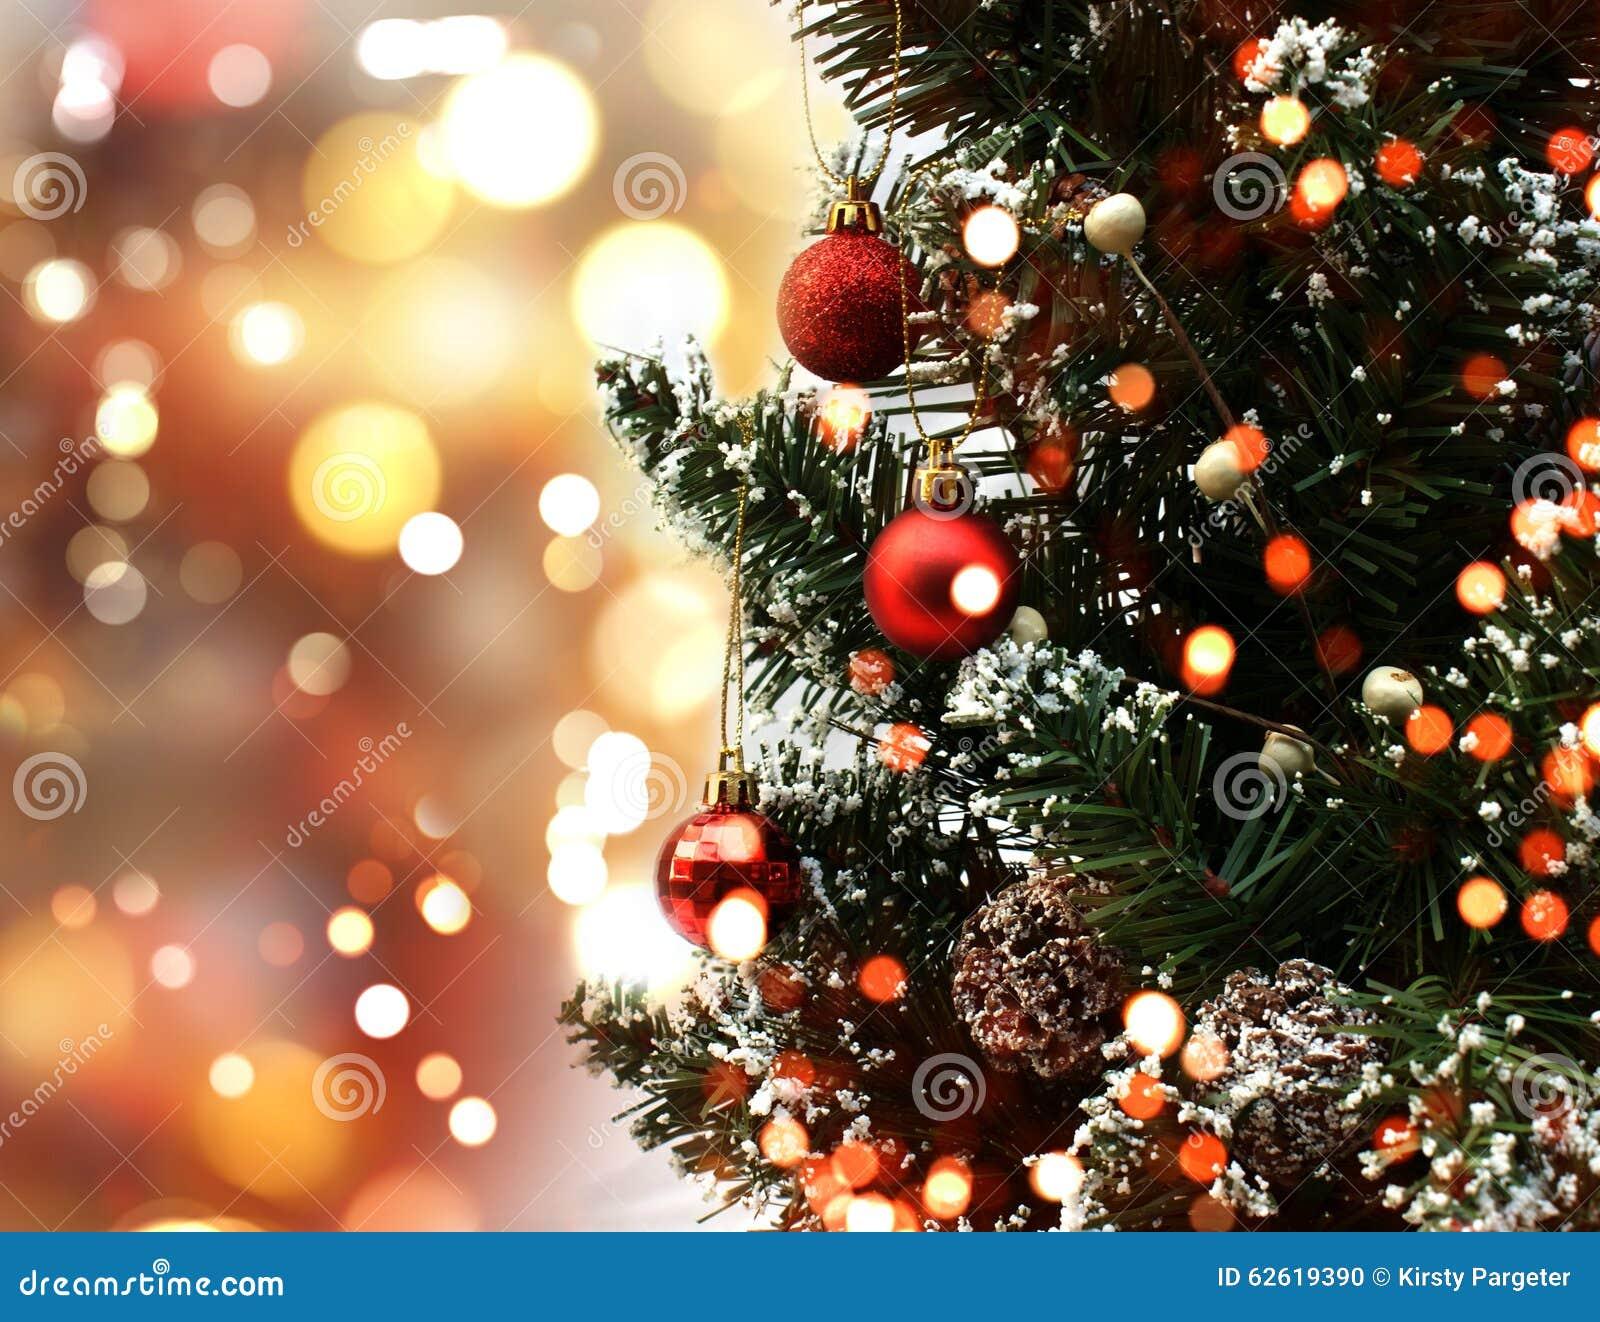 weihnachtsbaum auf bokeh beleuchtet hintergrund stockfoto bild. Black Bedroom Furniture Sets. Home Design Ideas